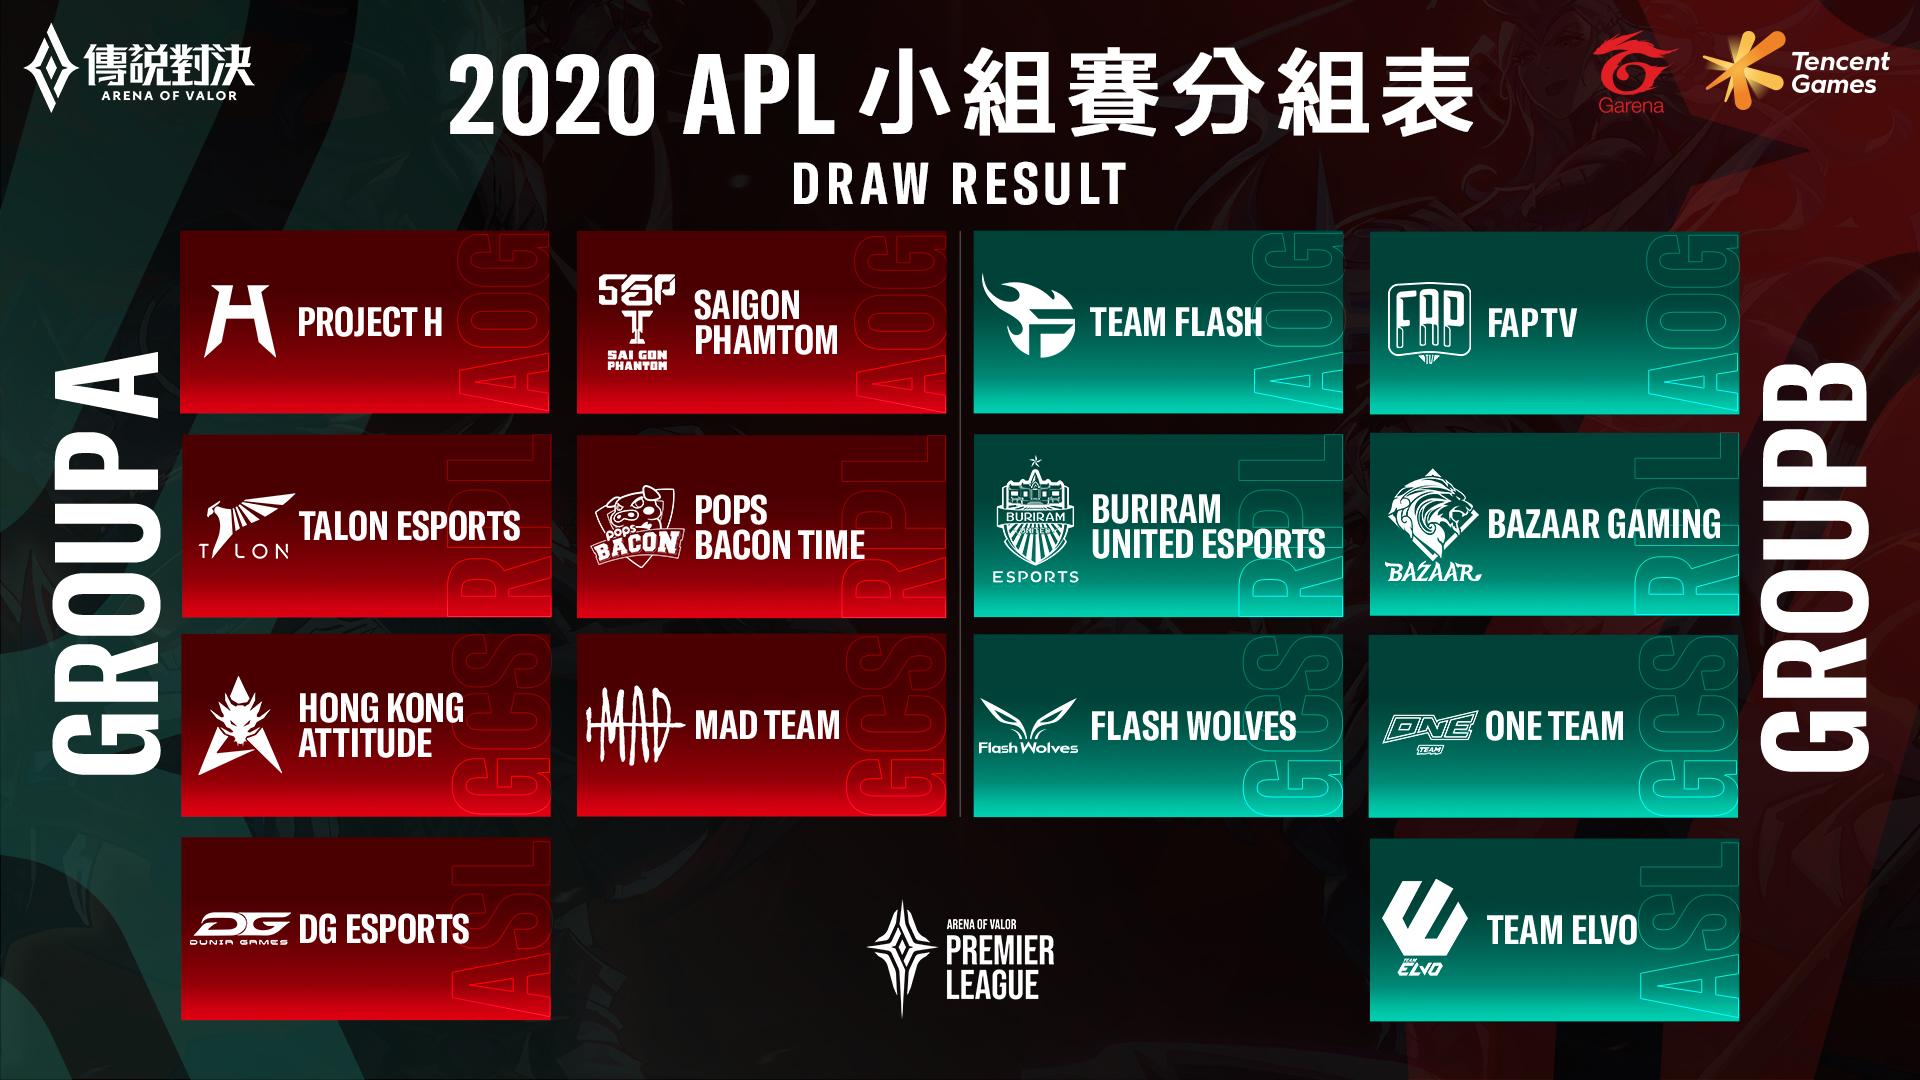 ▲2020 APL超級職業聯賽小組賽分組出爐,ONE與FW將迎戰強敵FL及BRU